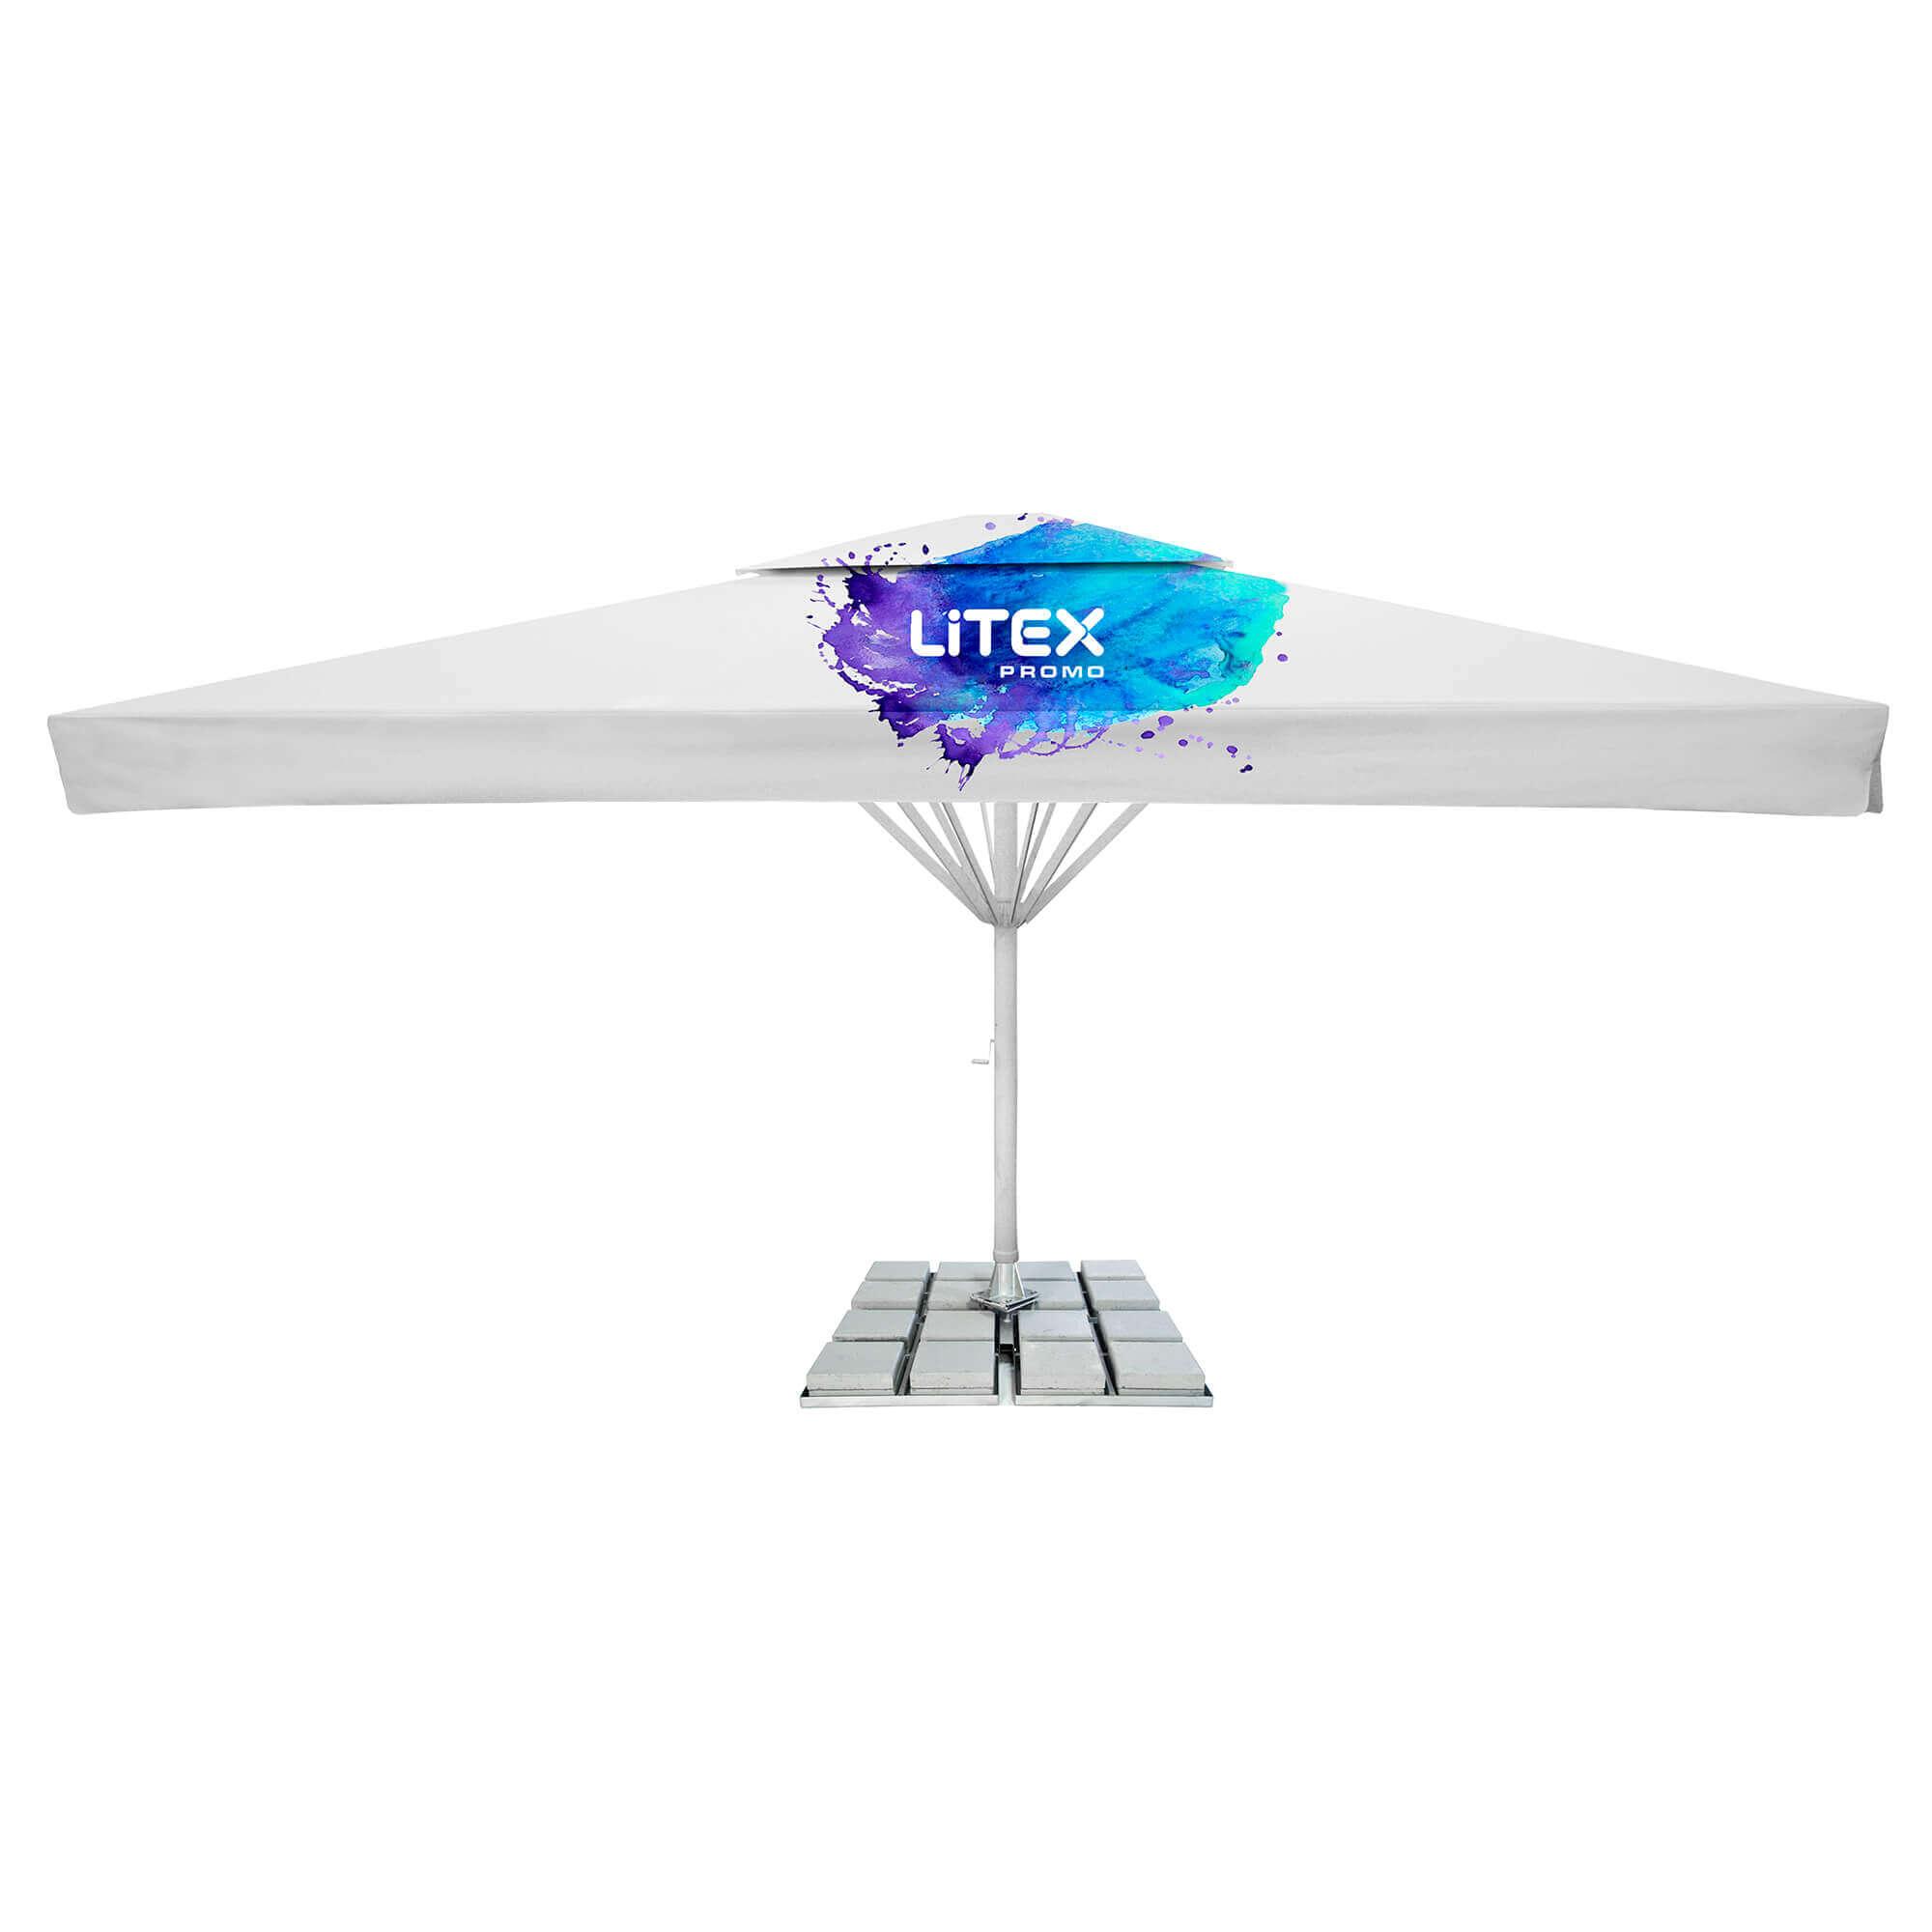 6. Giant Parasol Quadratisch 7m - mit Spoiler und Schutzdach